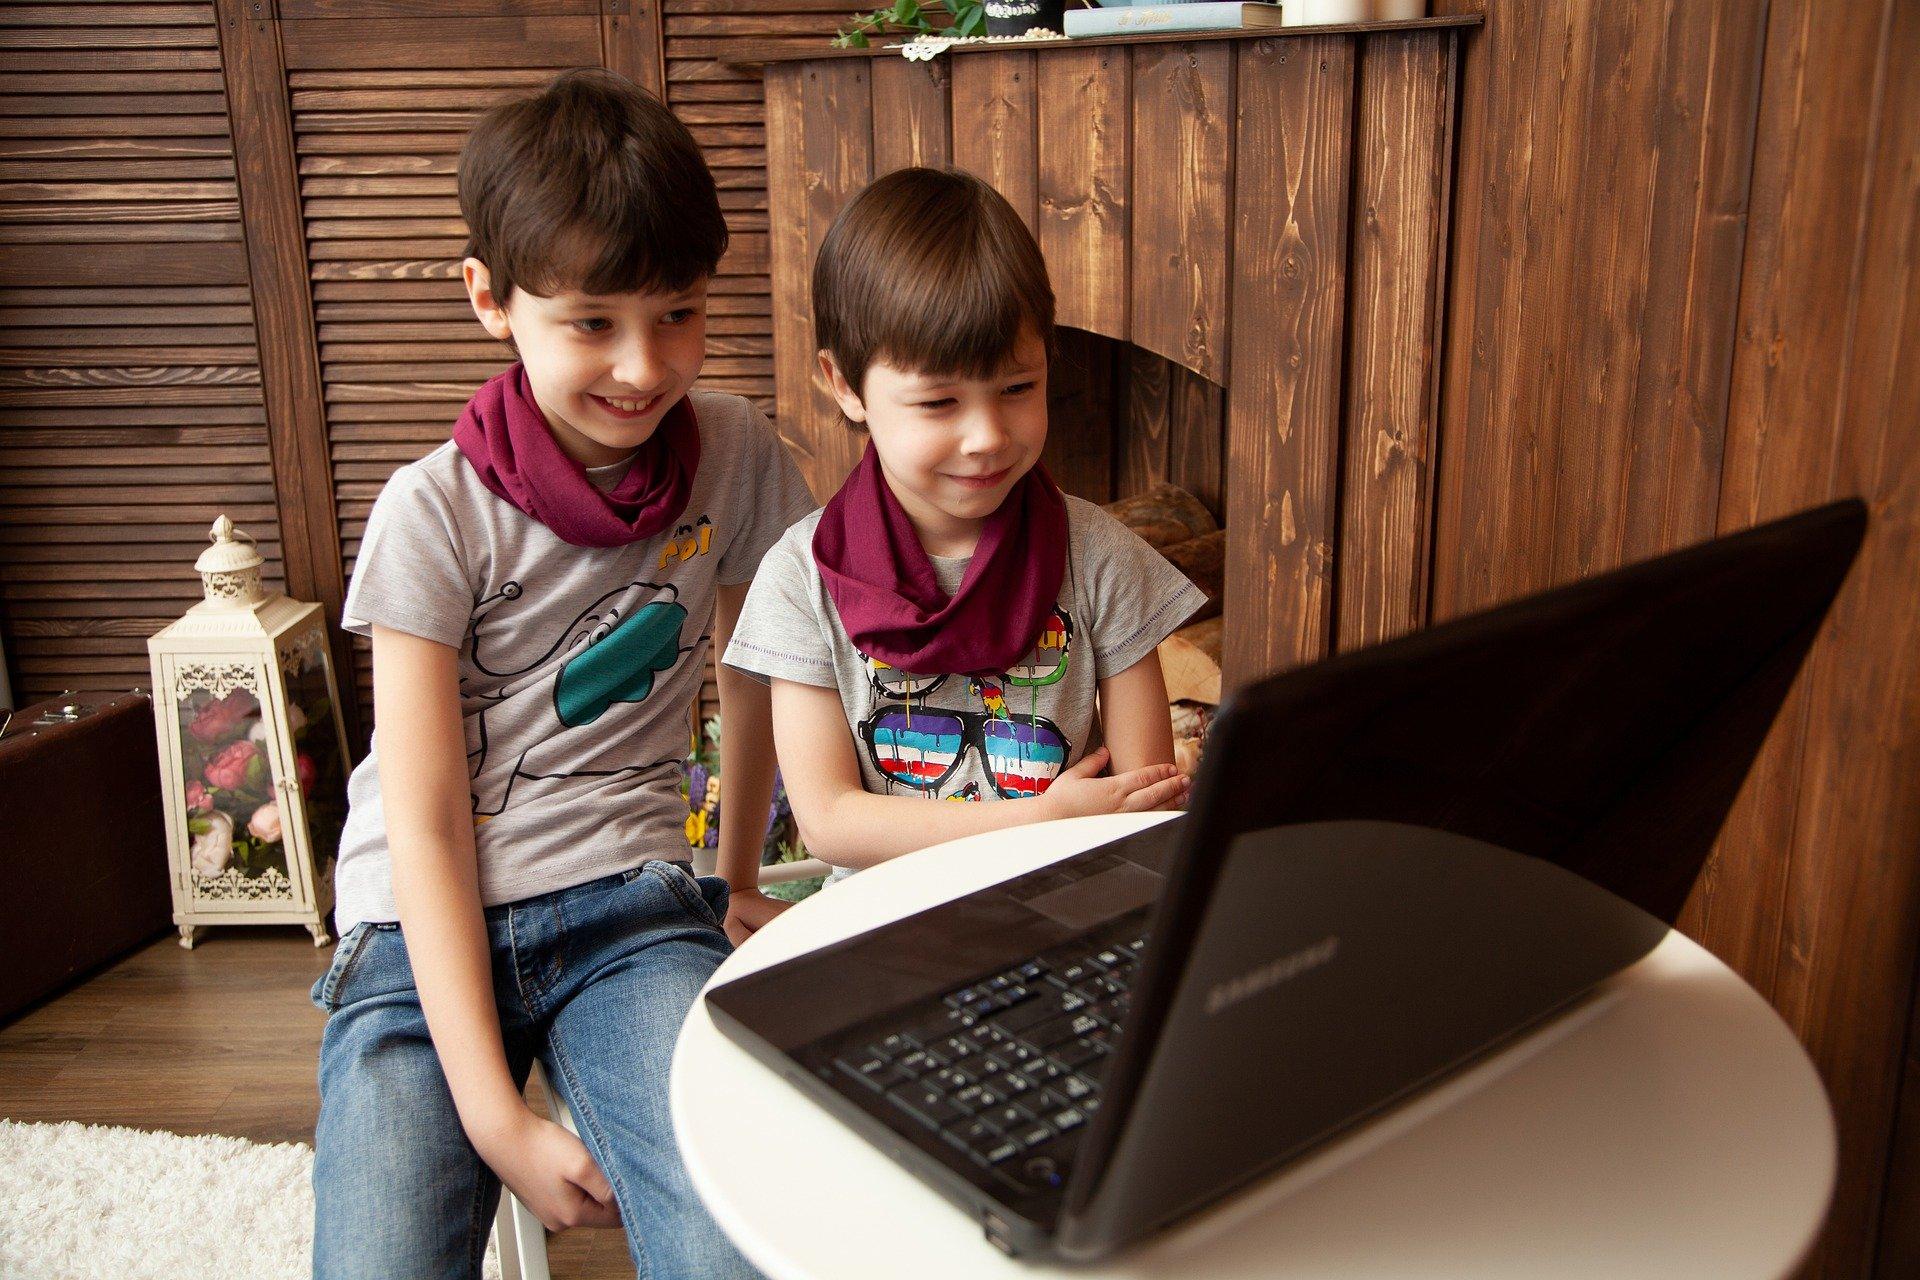 Viguías: primer Centro de Internet Seguro para proteger a niñas, niños y adolescentes en Internet